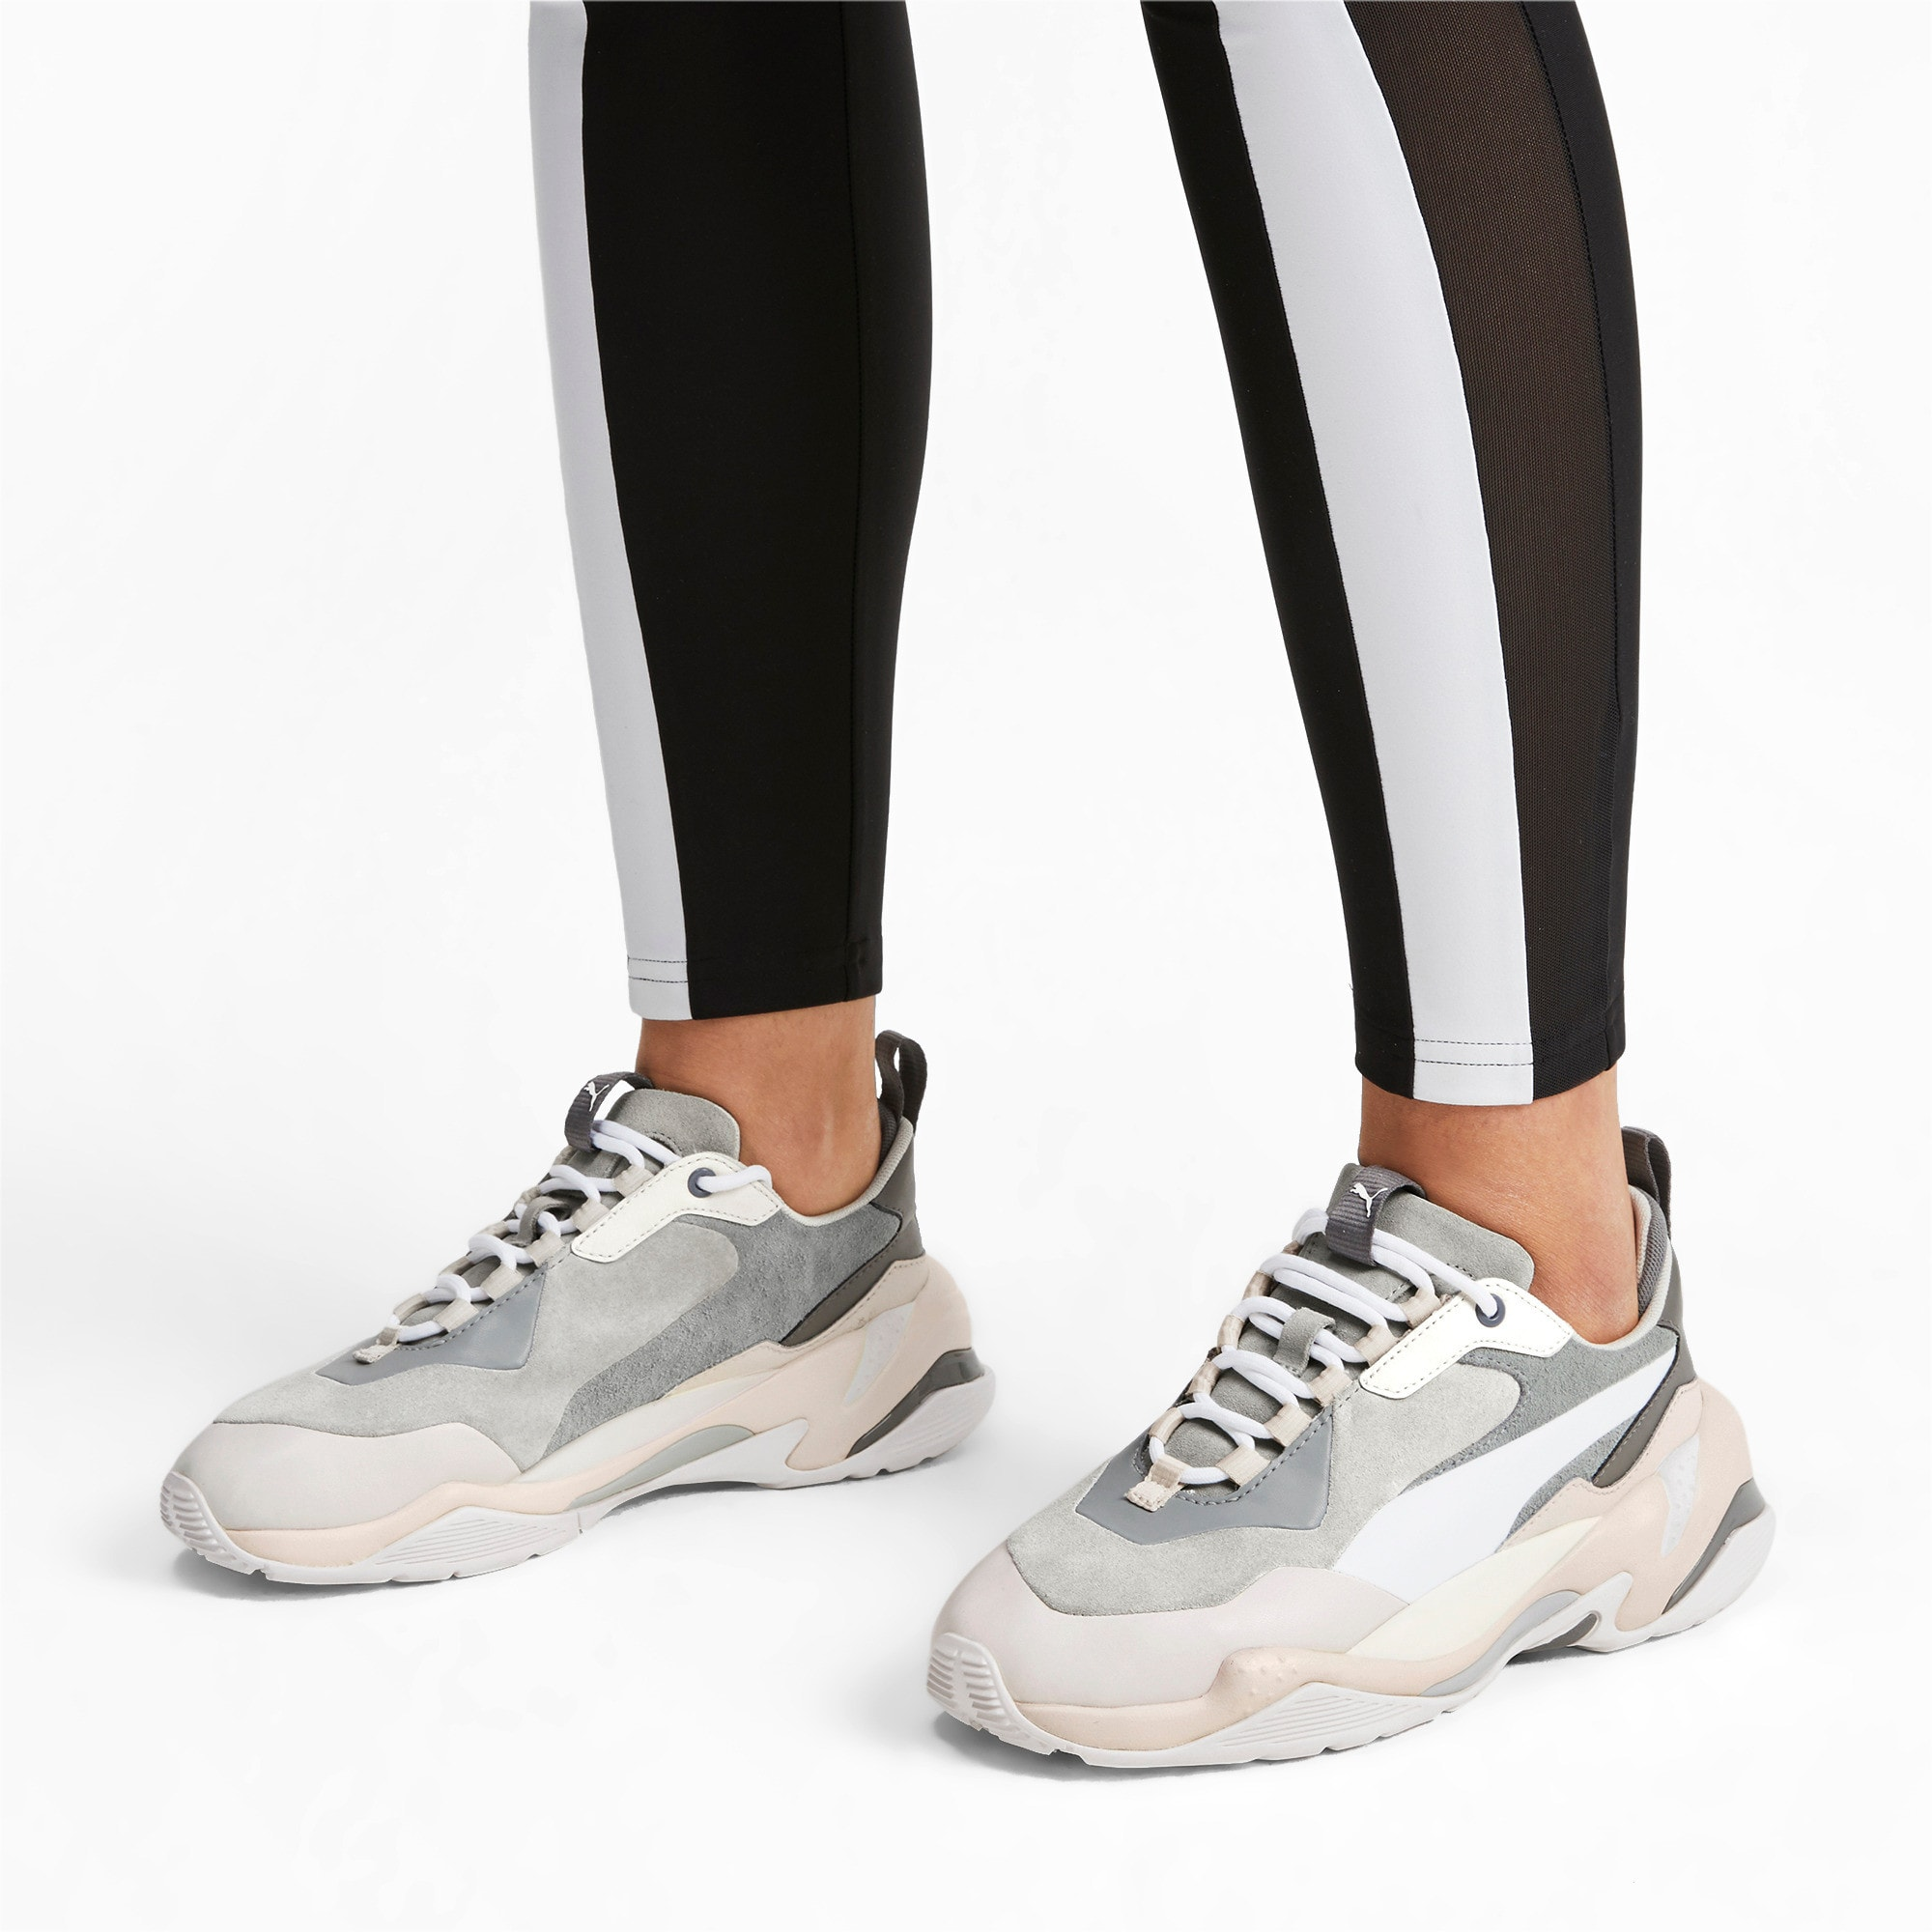 seleziona per ultimo marchio famoso seleziona per autentico Scarpe da ginnastica Thunder Colour Block donna